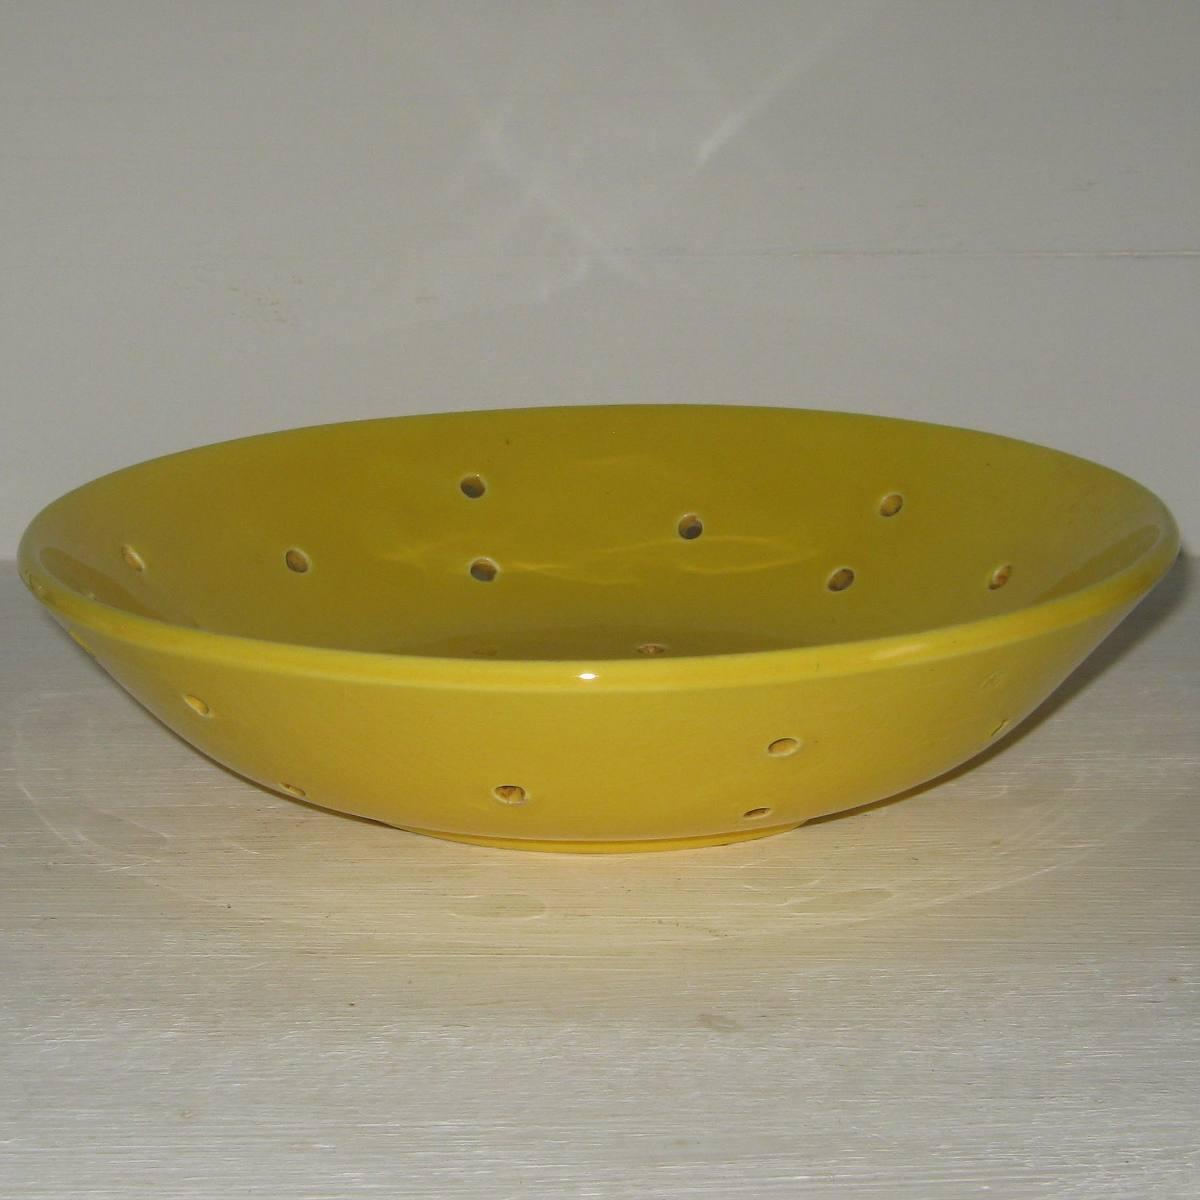 Faisselle en faience jaune 1